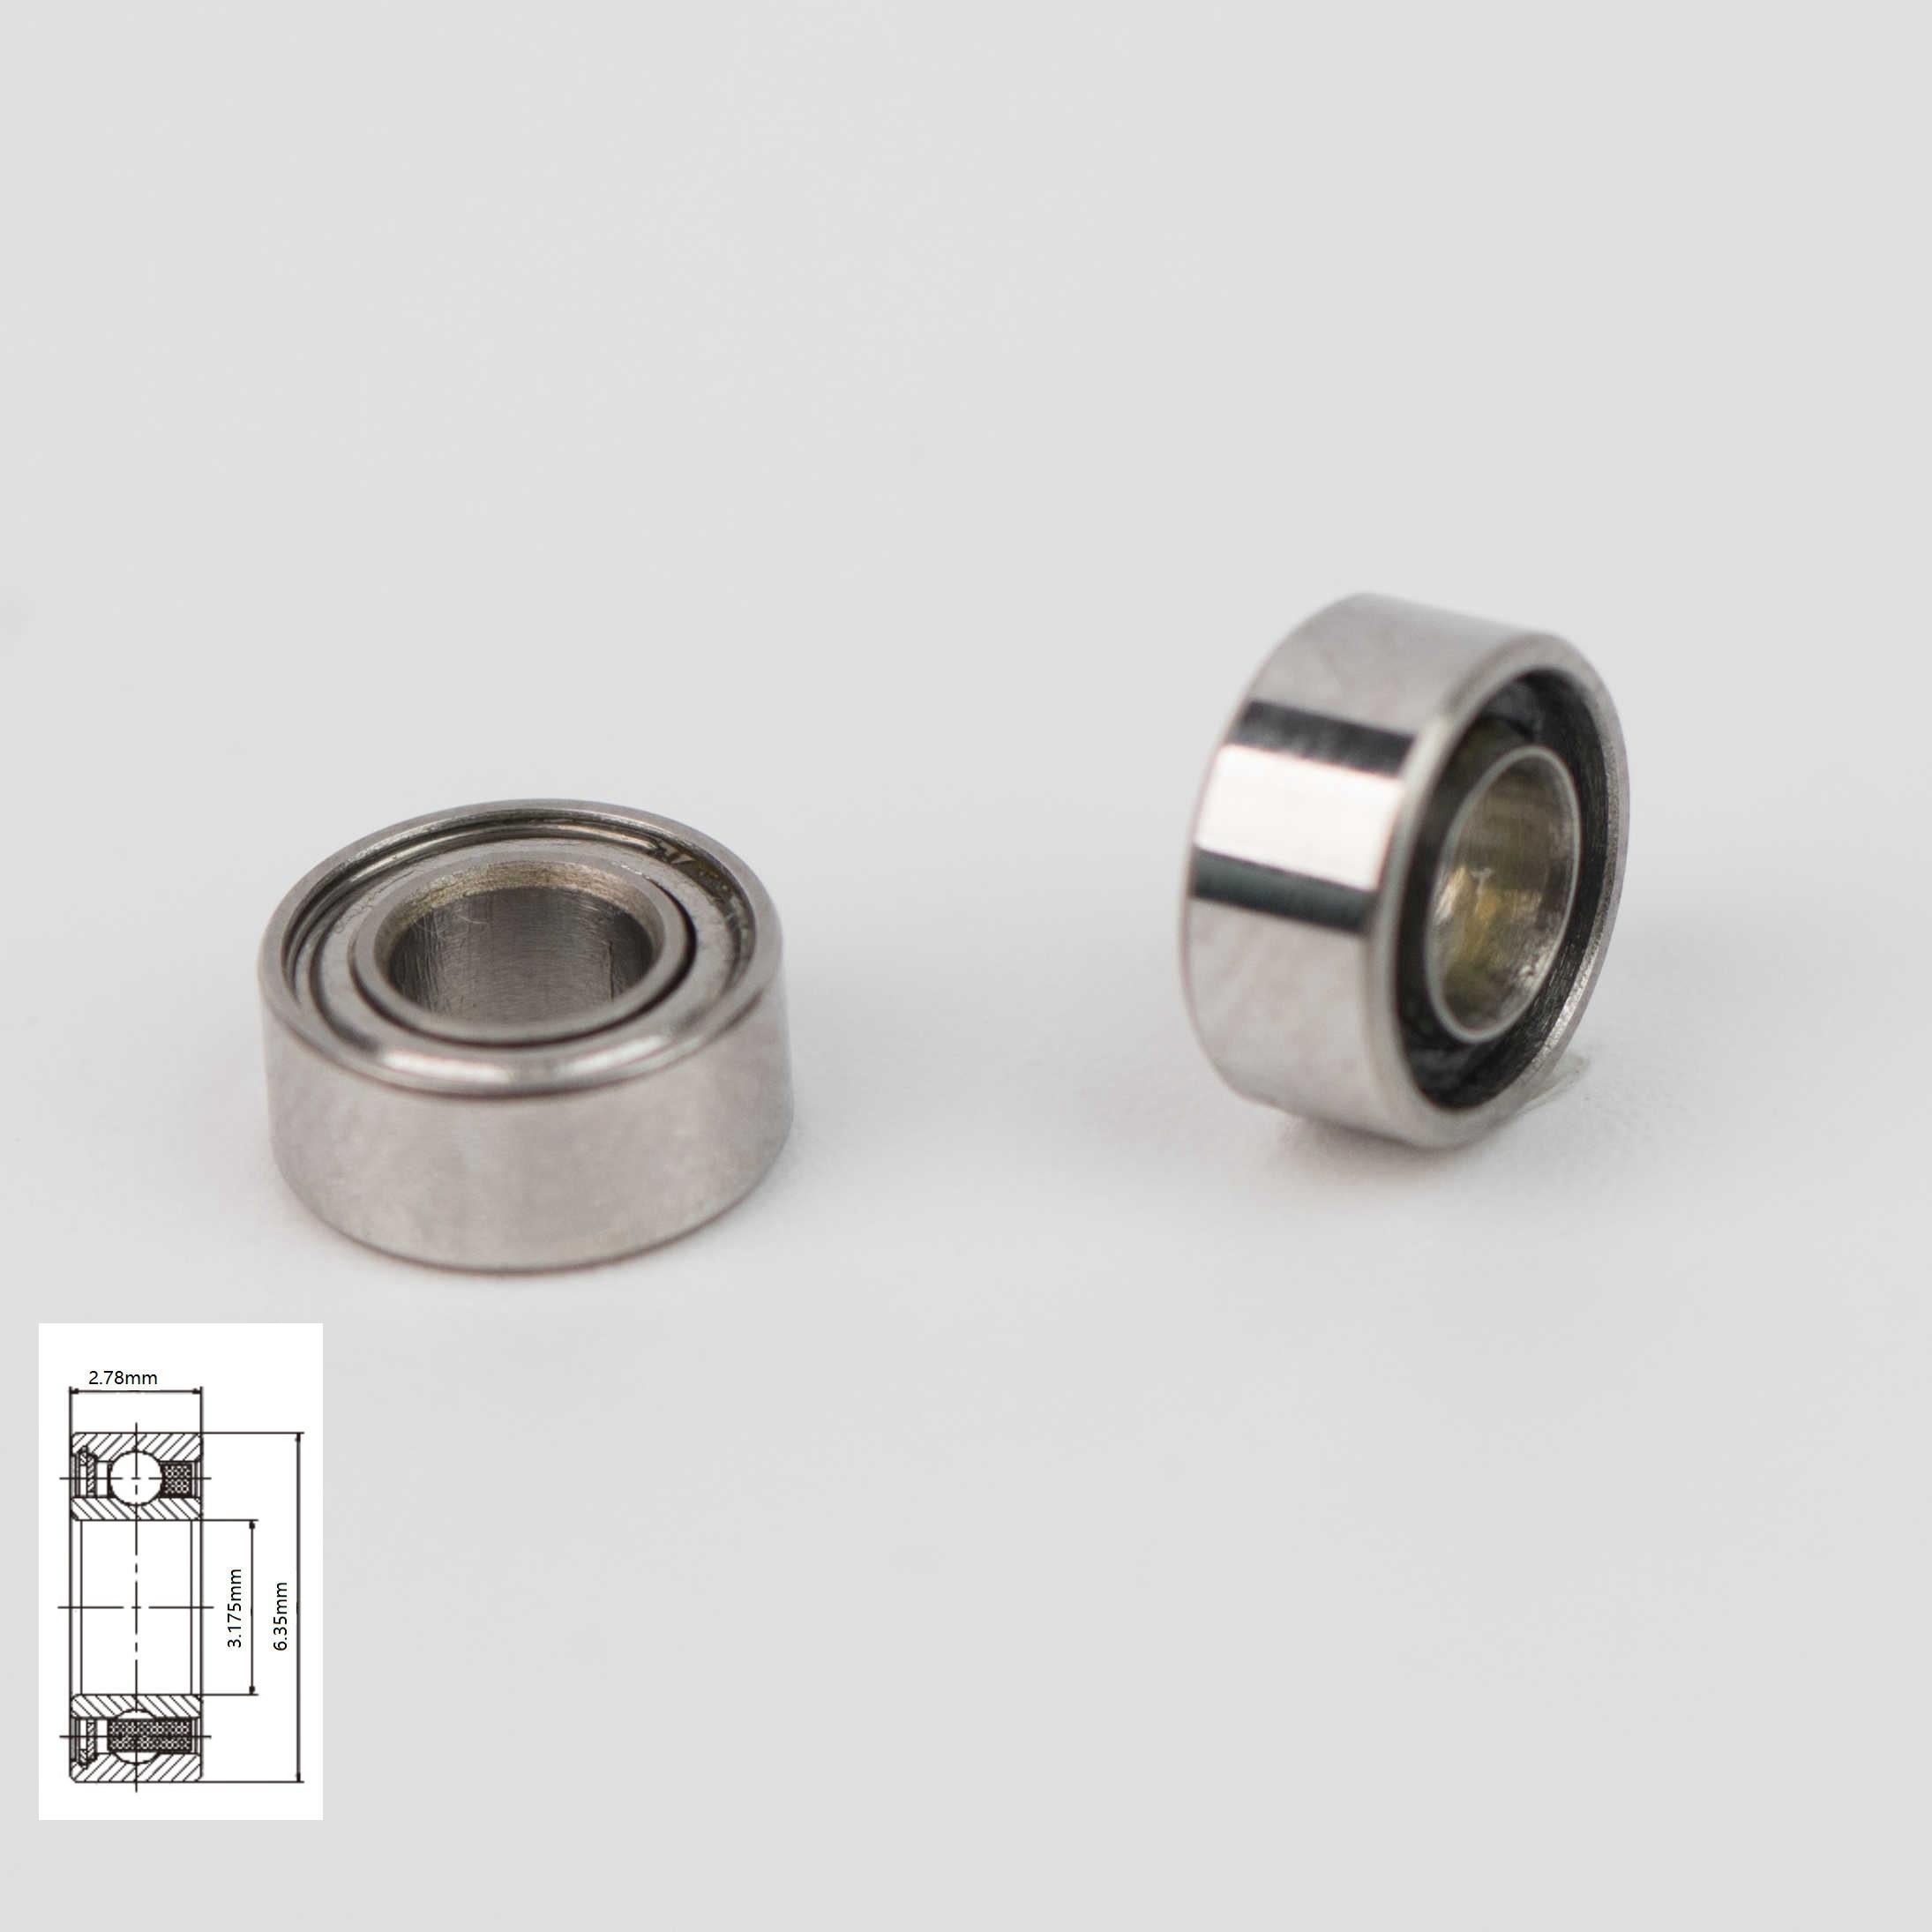 10pcs-handpiece-turbine-rotor-ceramic-dental-bearings-sr144tlzwn-3175x635x278mm